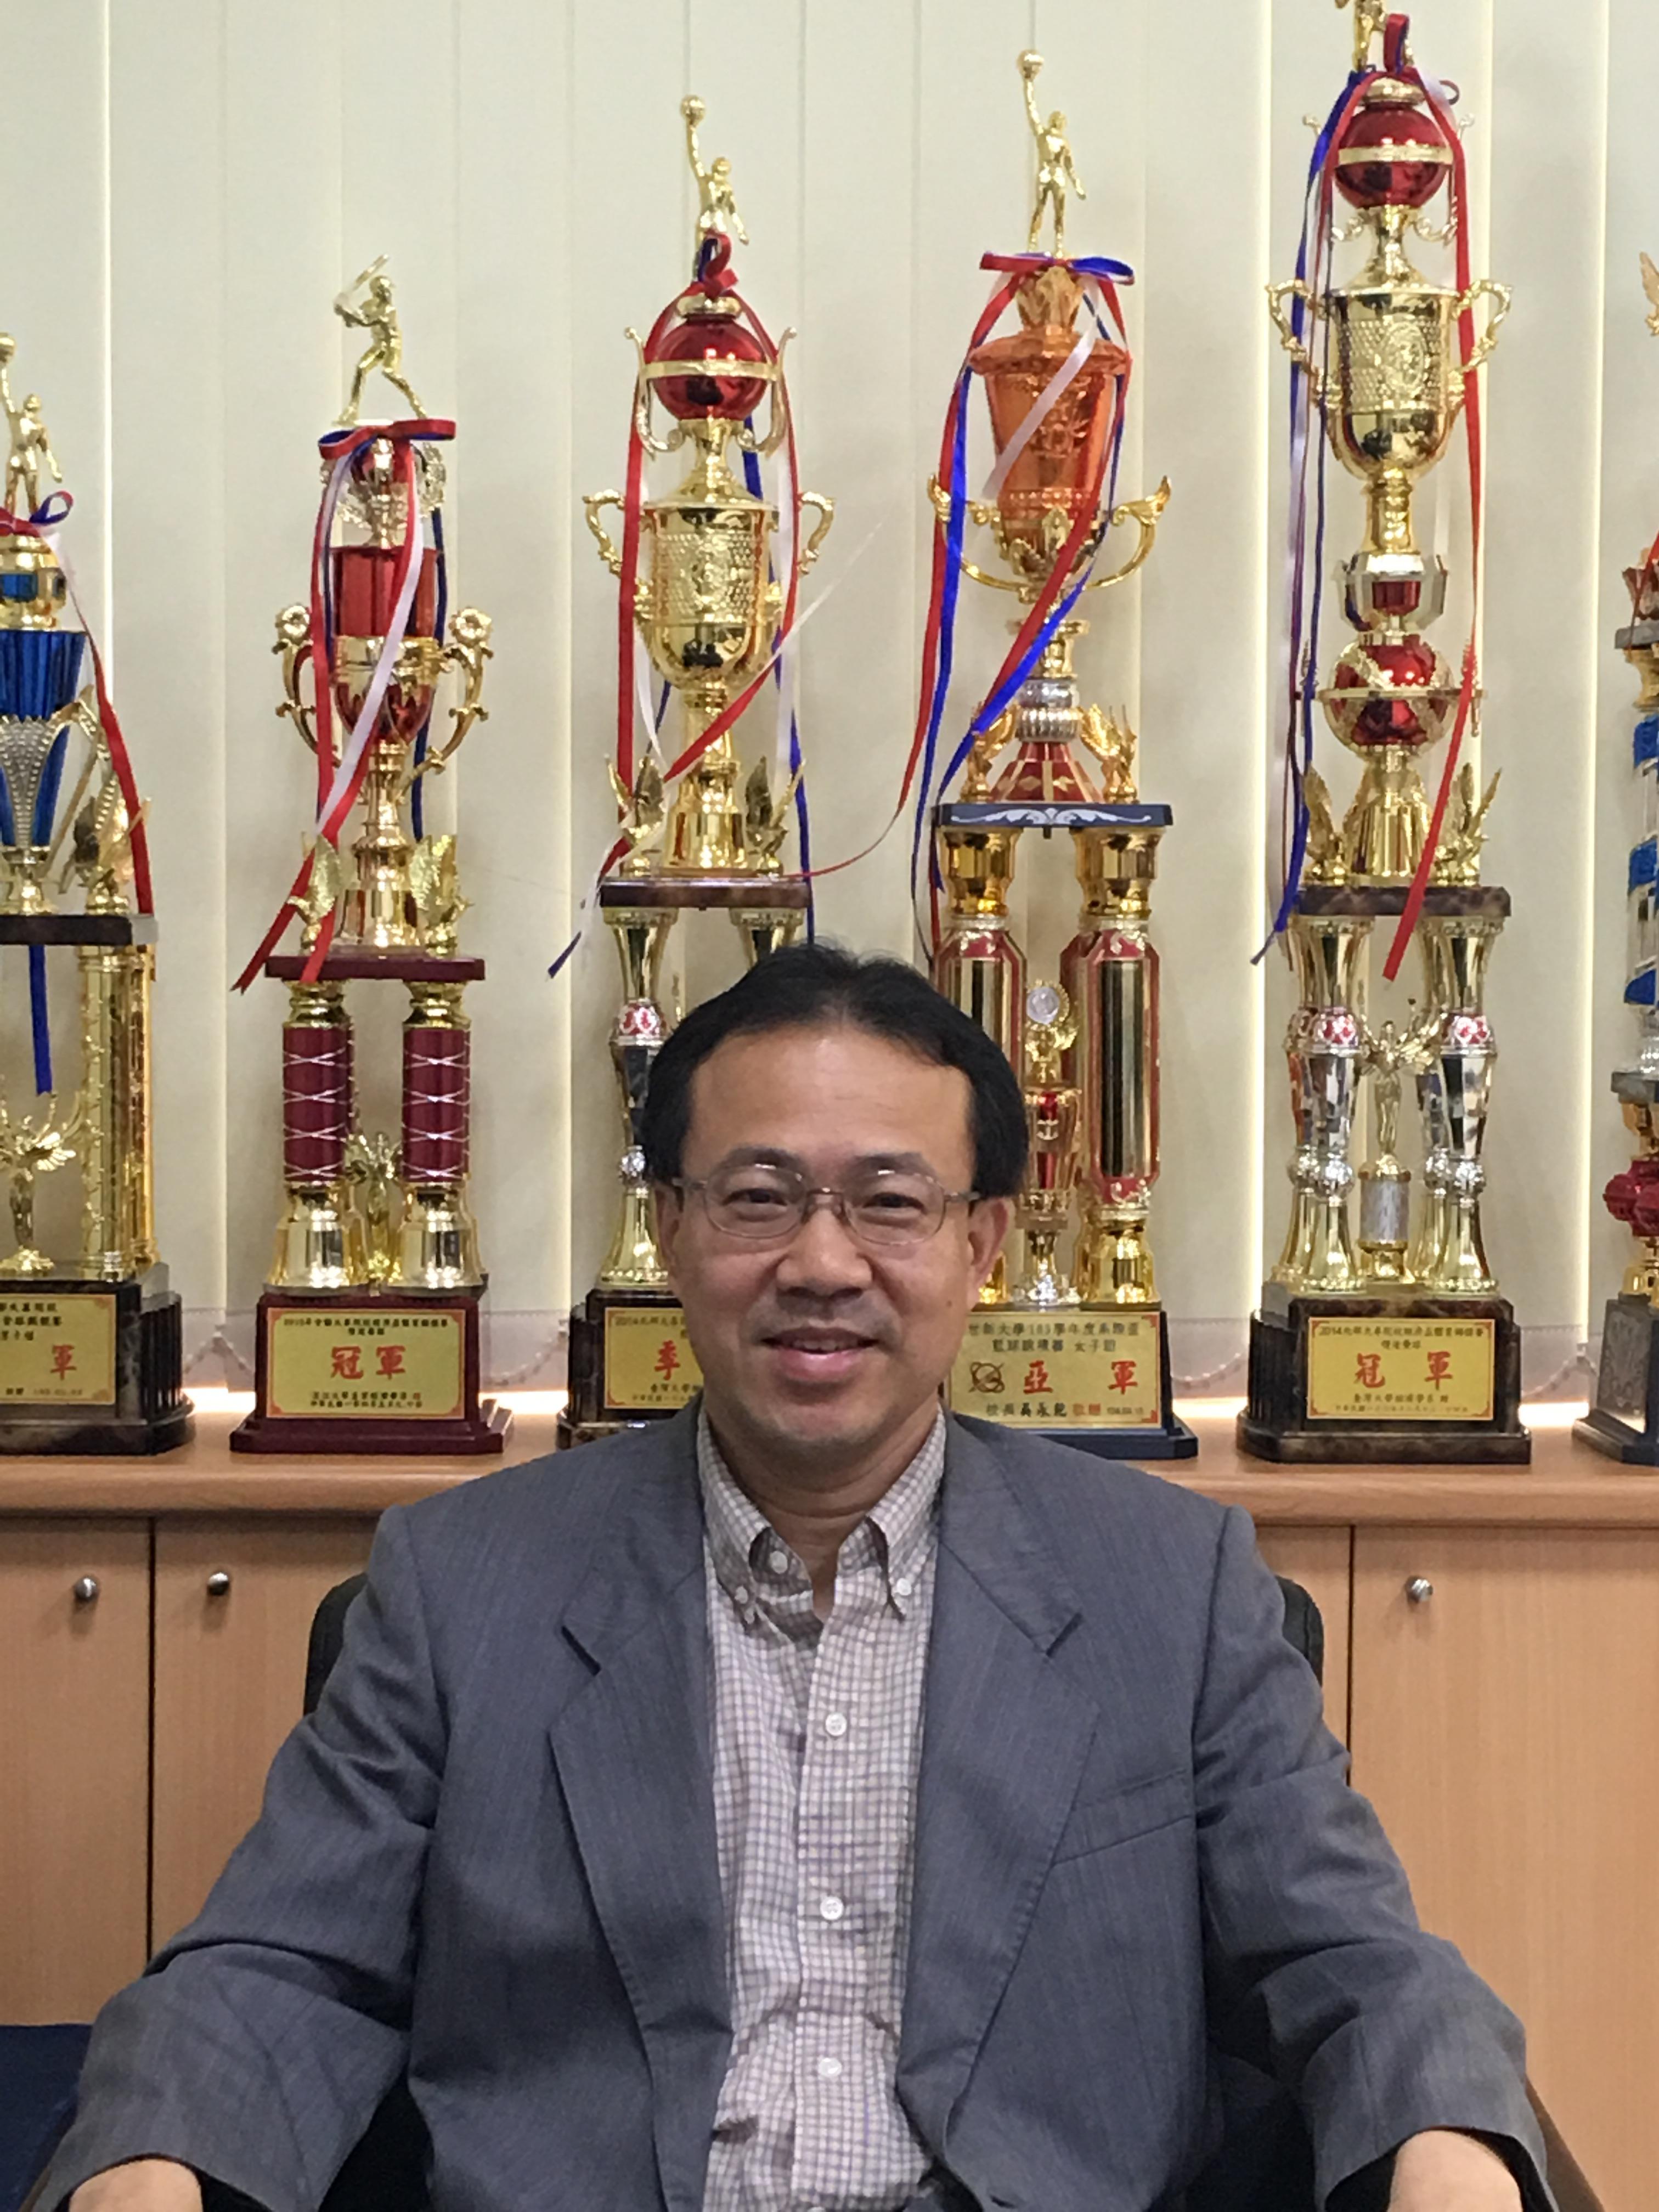 世新大學經濟學系教授兼主任陳世能博士:台北市就業機會多,收入也比中南部來得高,因此台北民眾生活開銷大實屬正常現象。 圖/受訪者提供